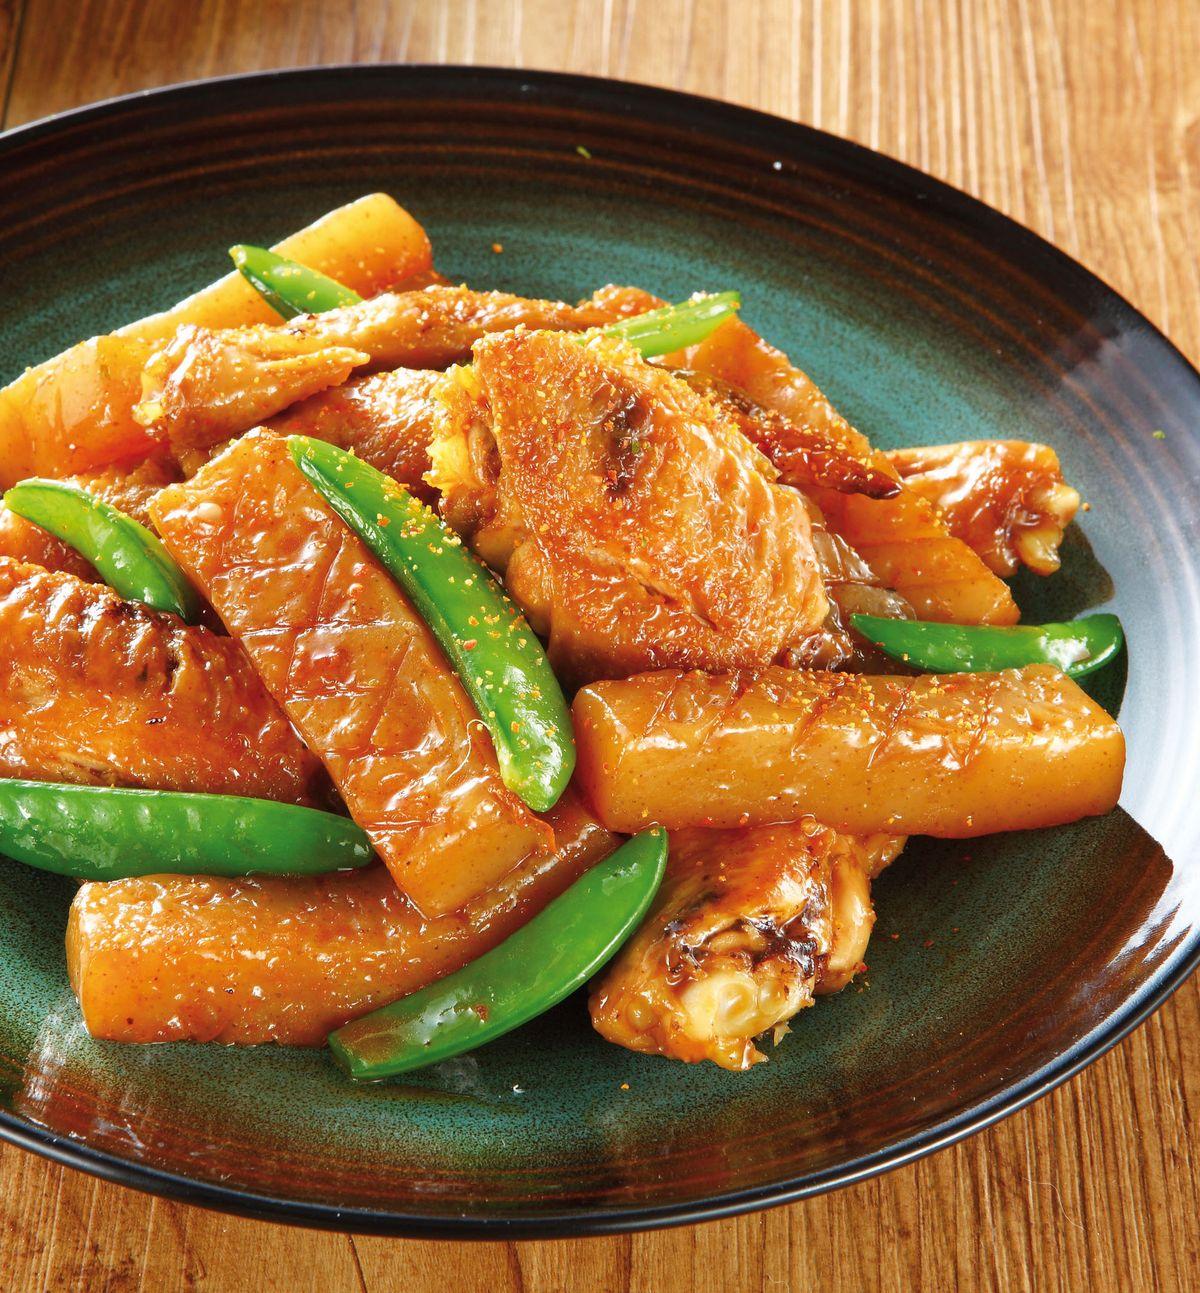 食譜:雞翅燒蒟蒻